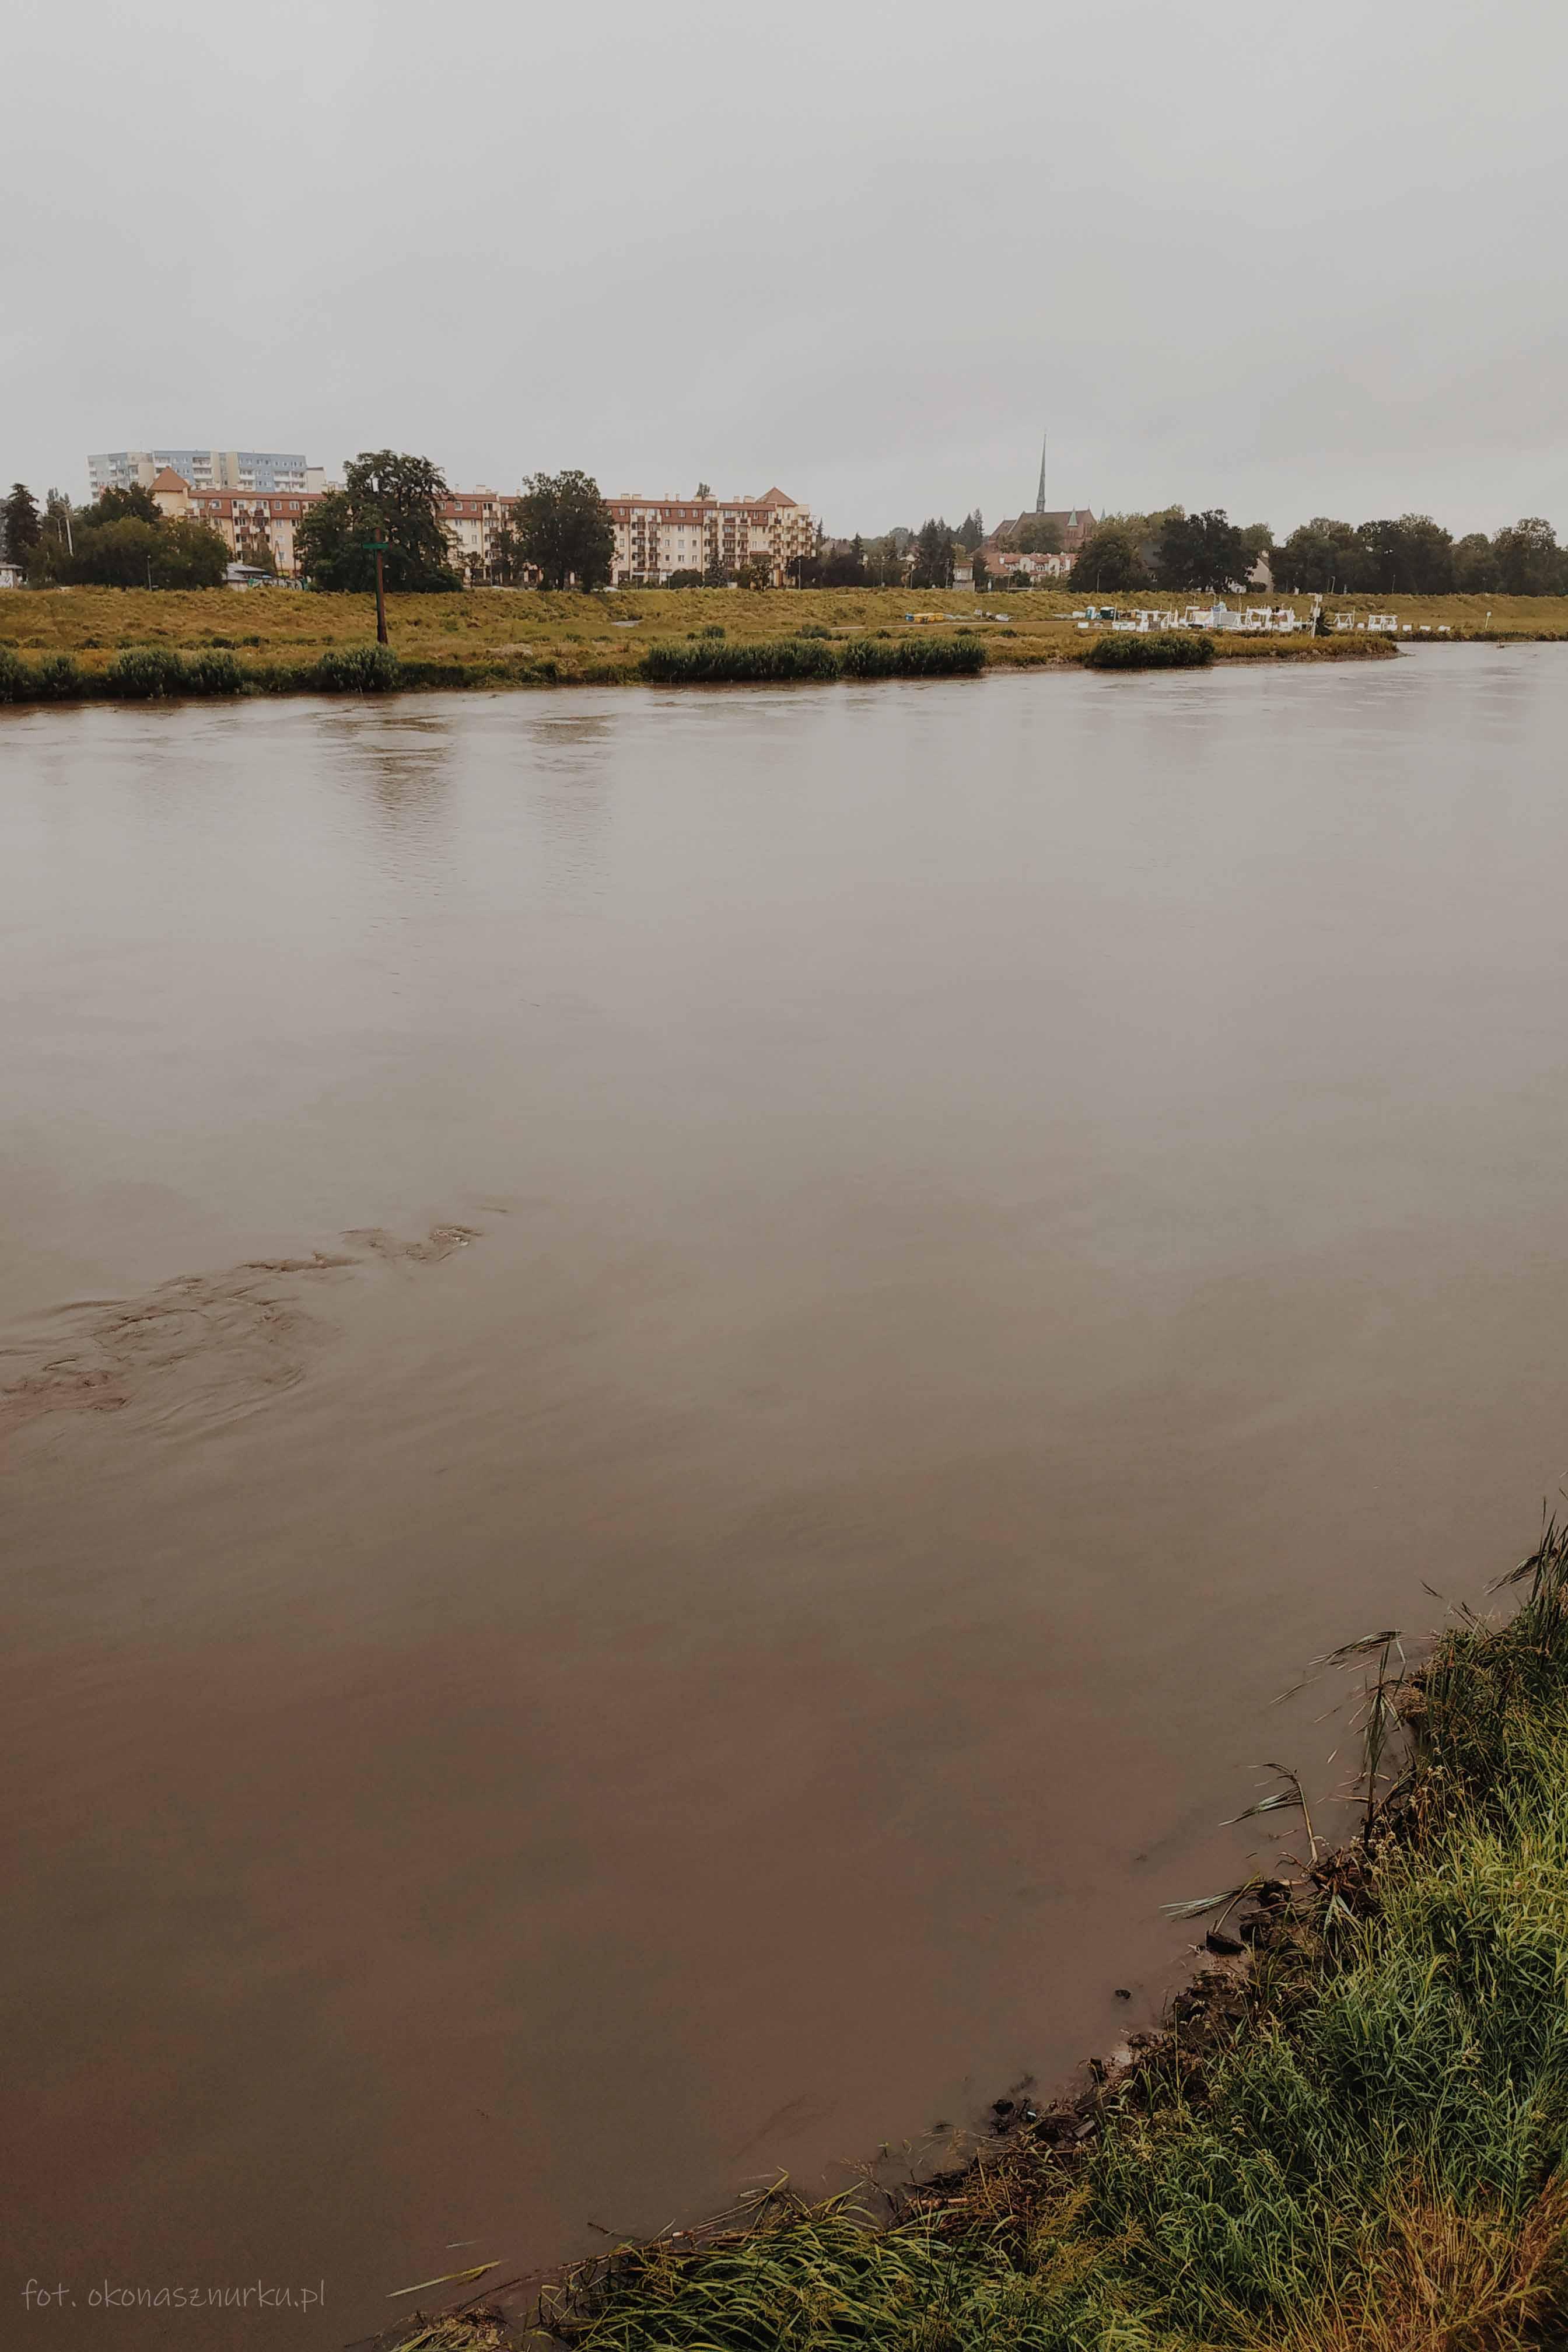 powodz-odra-wroclaw-2020-okonasznurku (16)